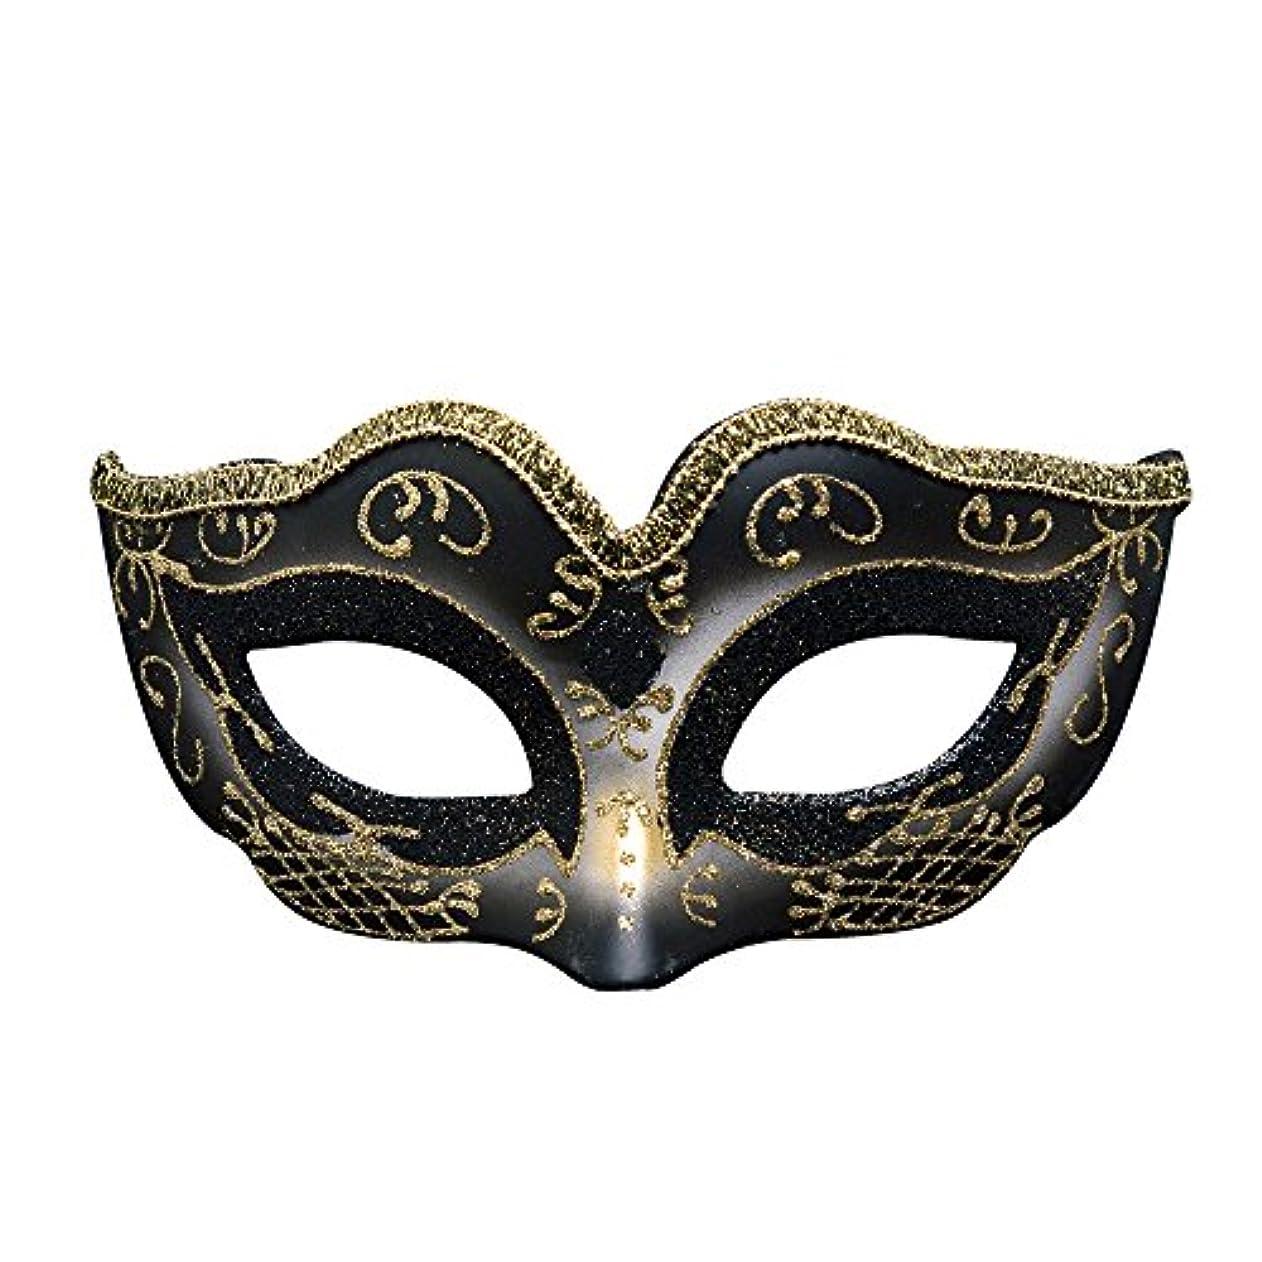 パラメータ保証金十分なクリエイティブカスタム子供のなりすましパーティーハロウィーンマスククリスマス雰囲気マスク (Color : F)